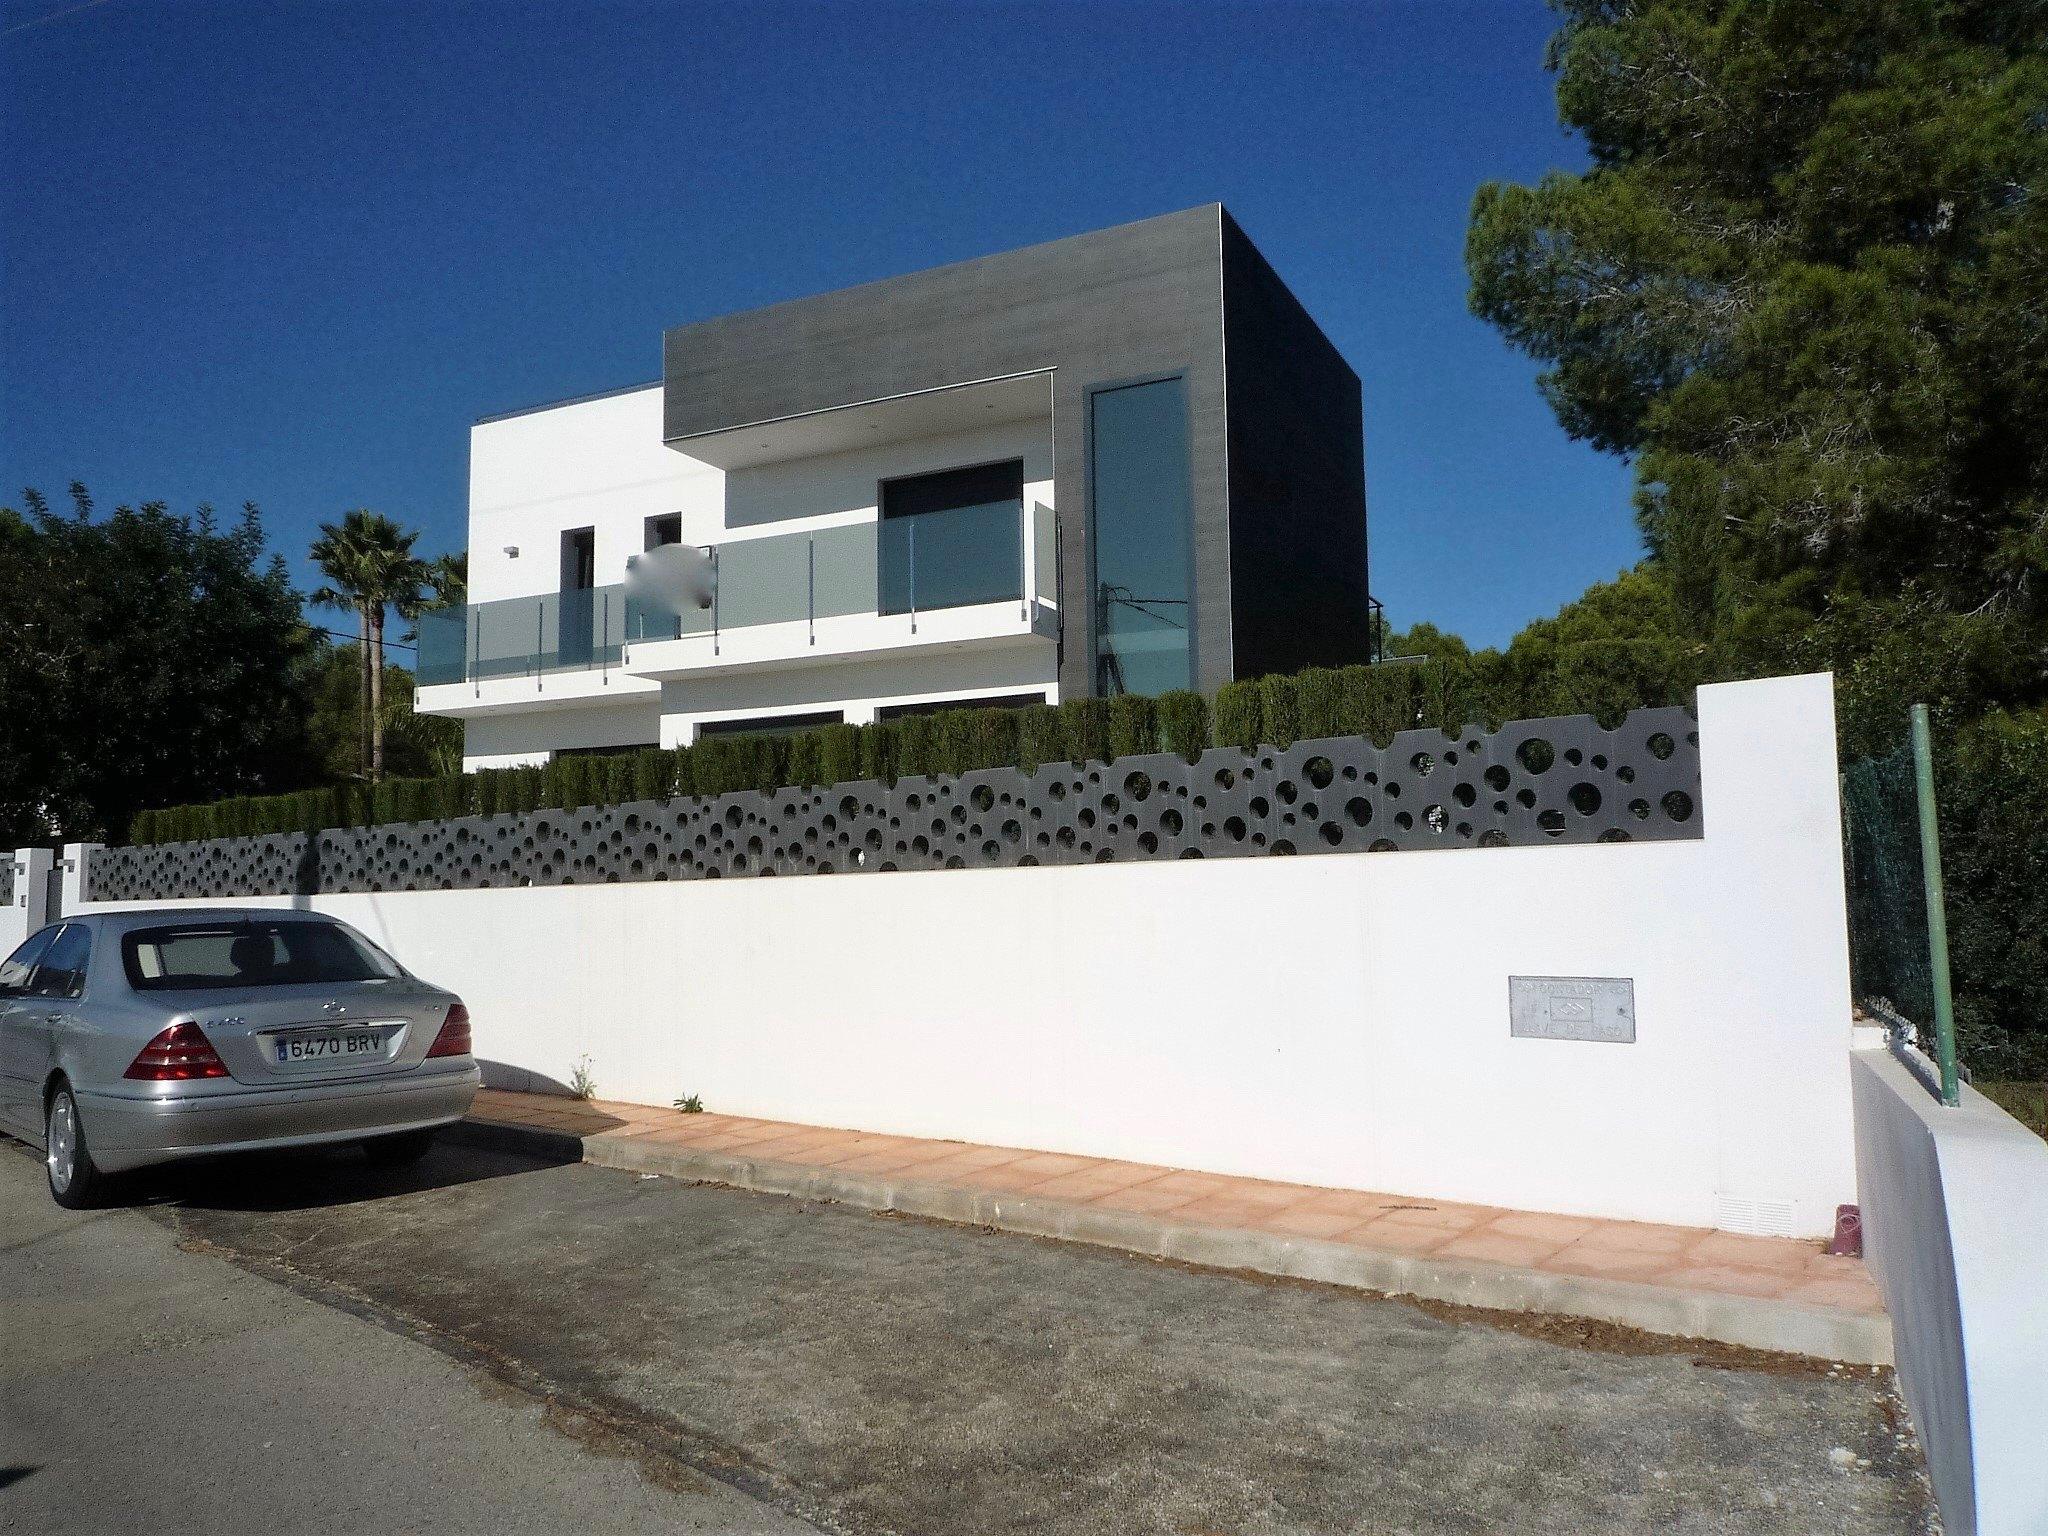 Недавно построенная вилла в современном стиле в Ла-Фустера - Бенисса Коста